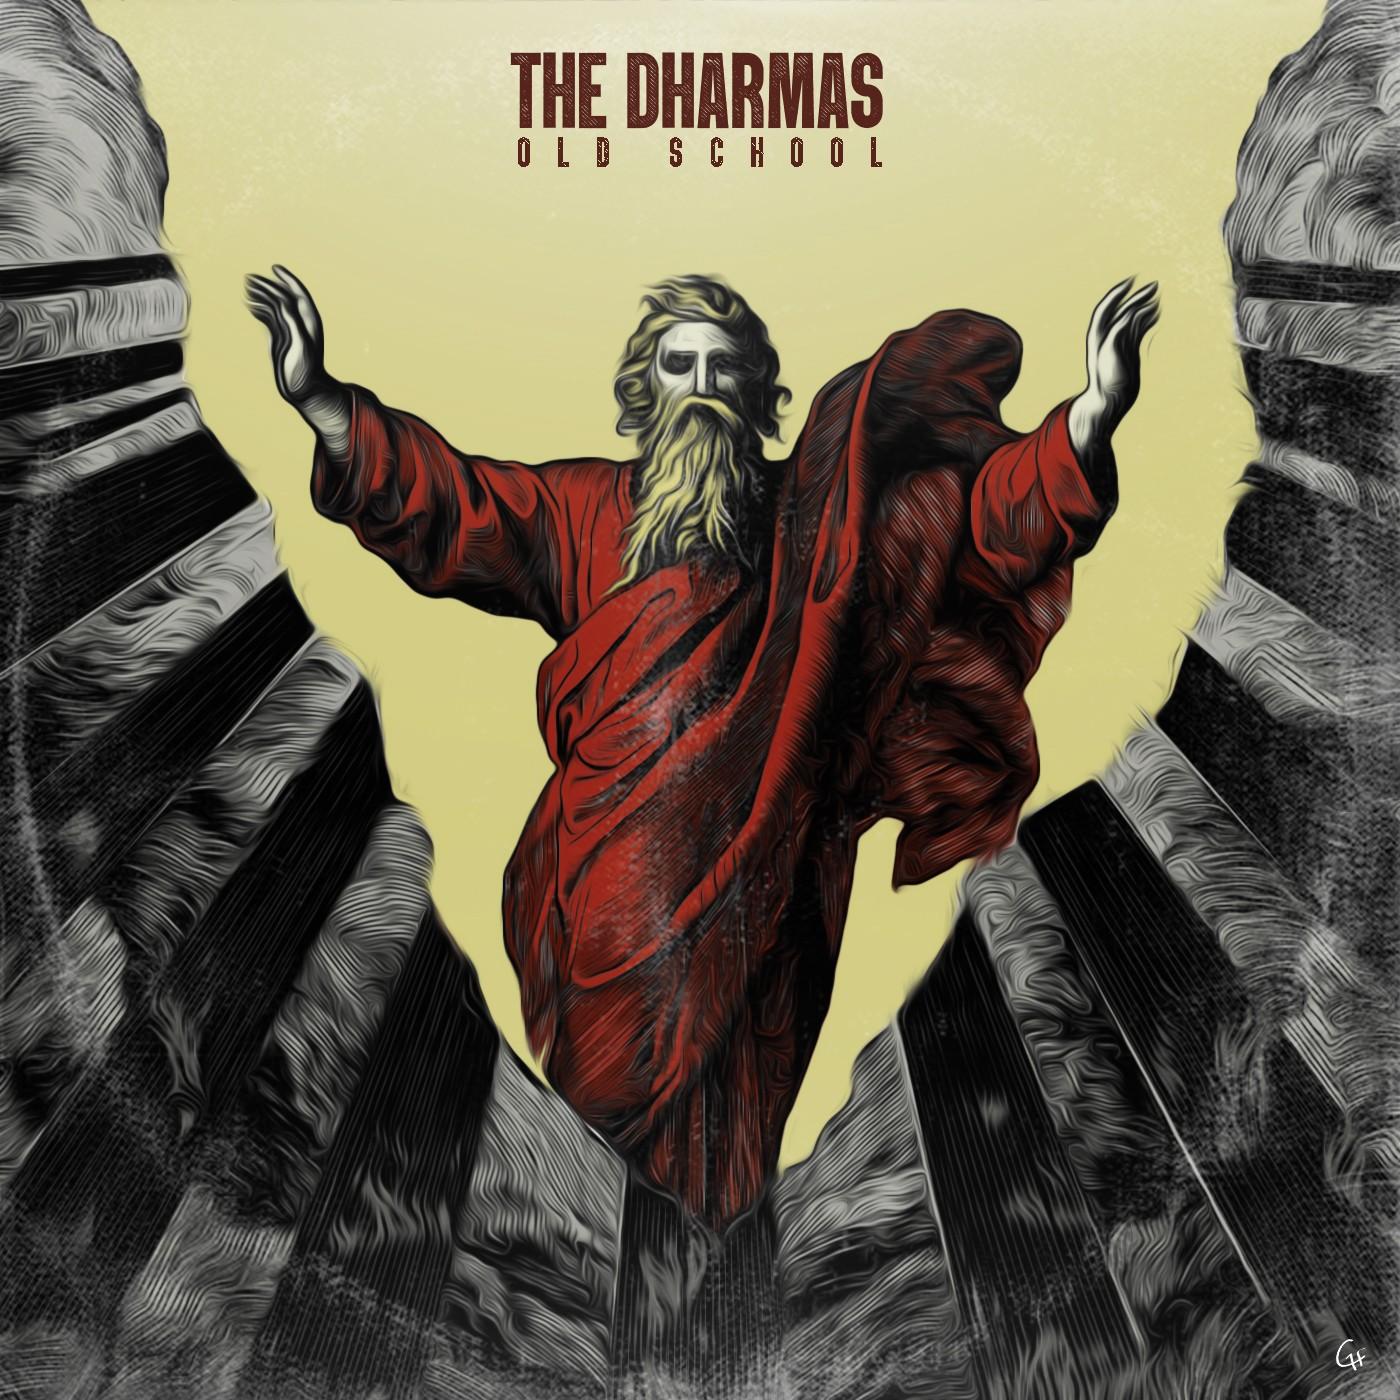 Banda The Dharmas celebra a juventude com os três acordes do rock 'Old school' - Notícias - Plantão Diário